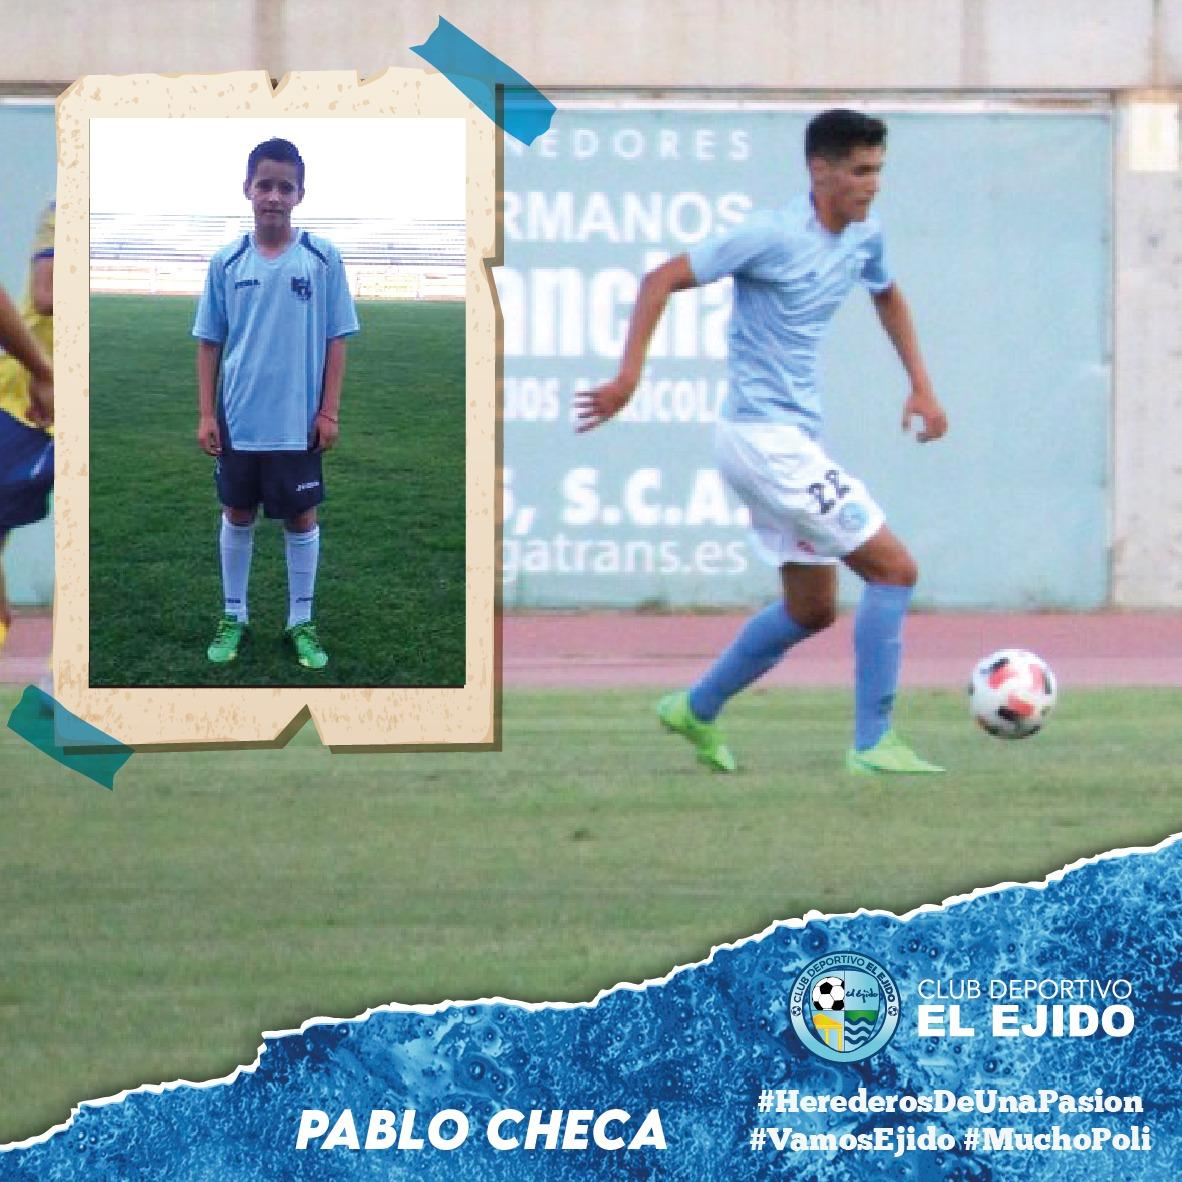 El ejidense Pablo Checa firma su primer contrato profesional y en casa